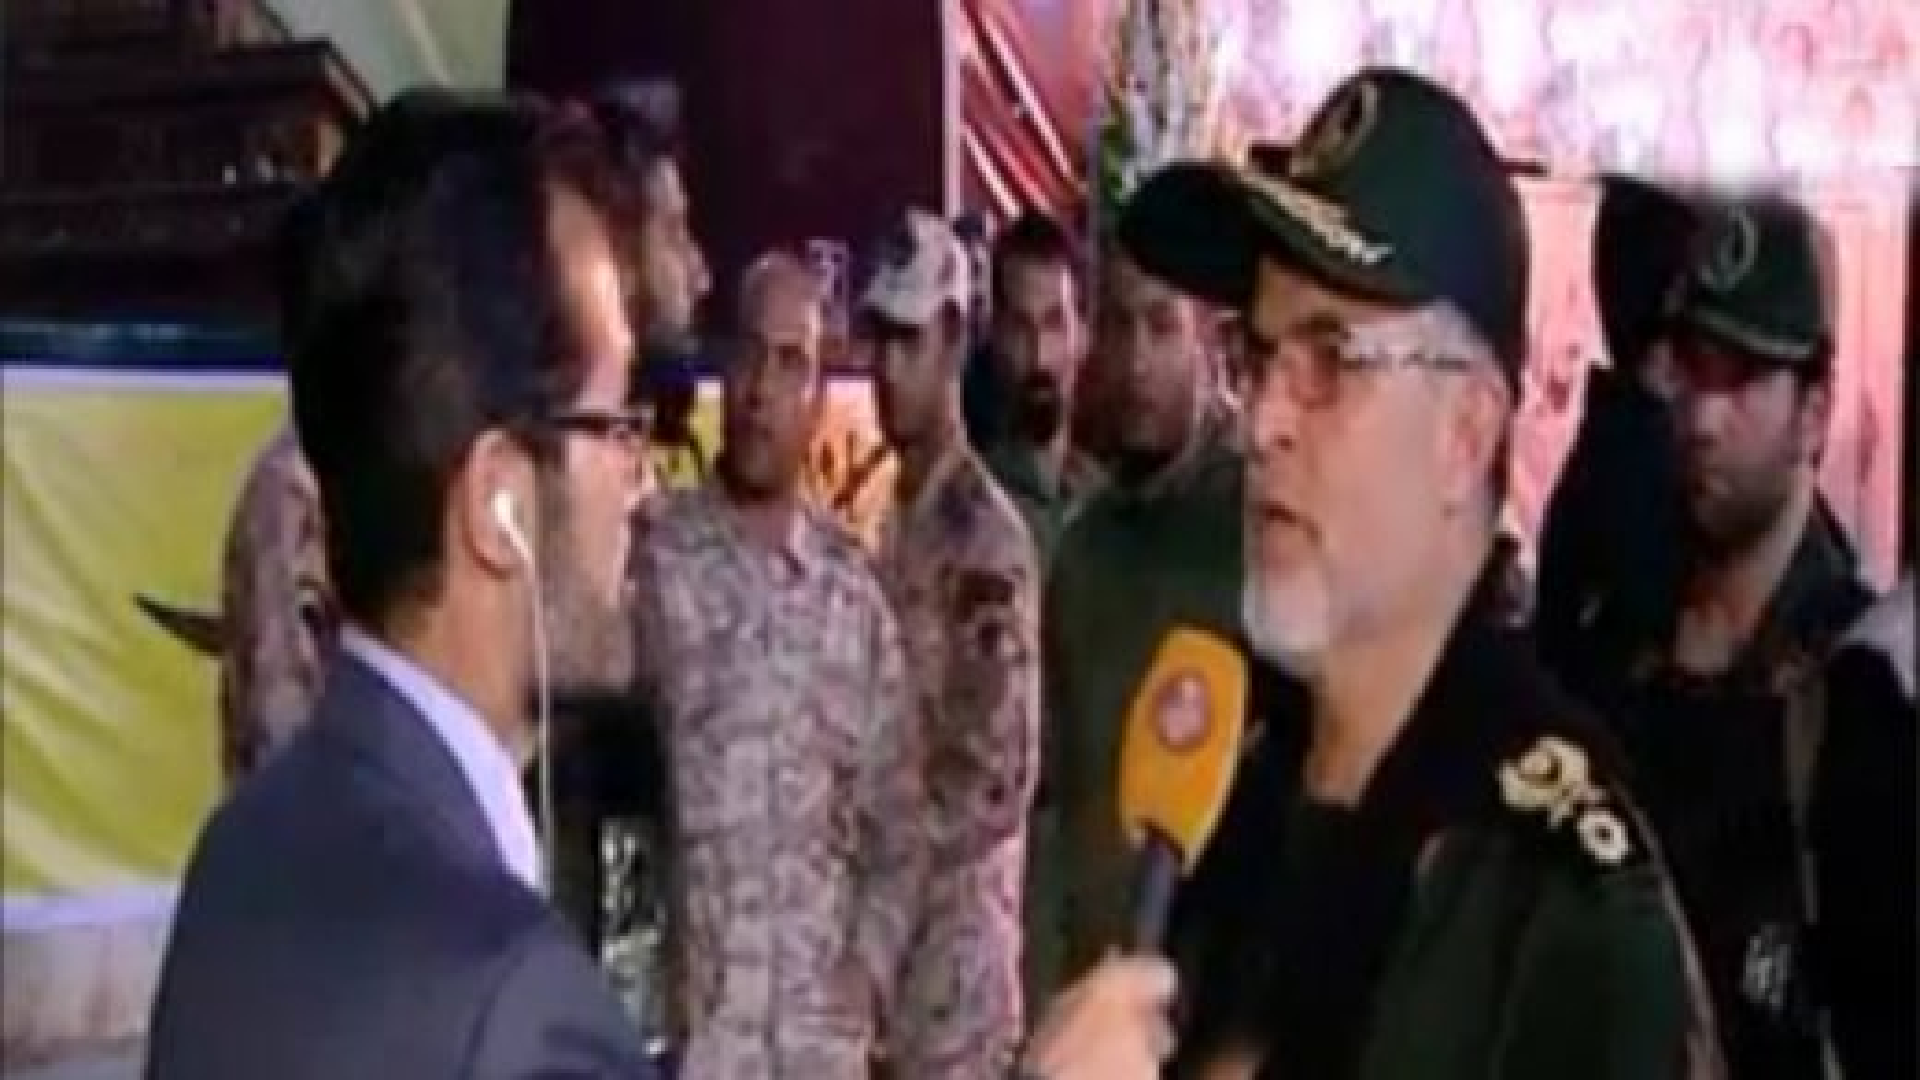 علت تاخیر در ورود پیکر مطهر شهید حججی به میهن اسلامی | فیلم